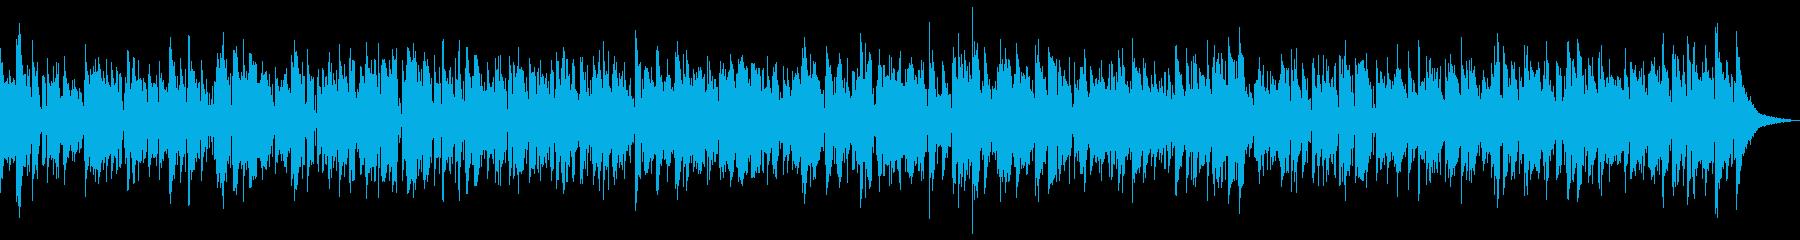 ボサノバアルトサックスの再生済みの波形